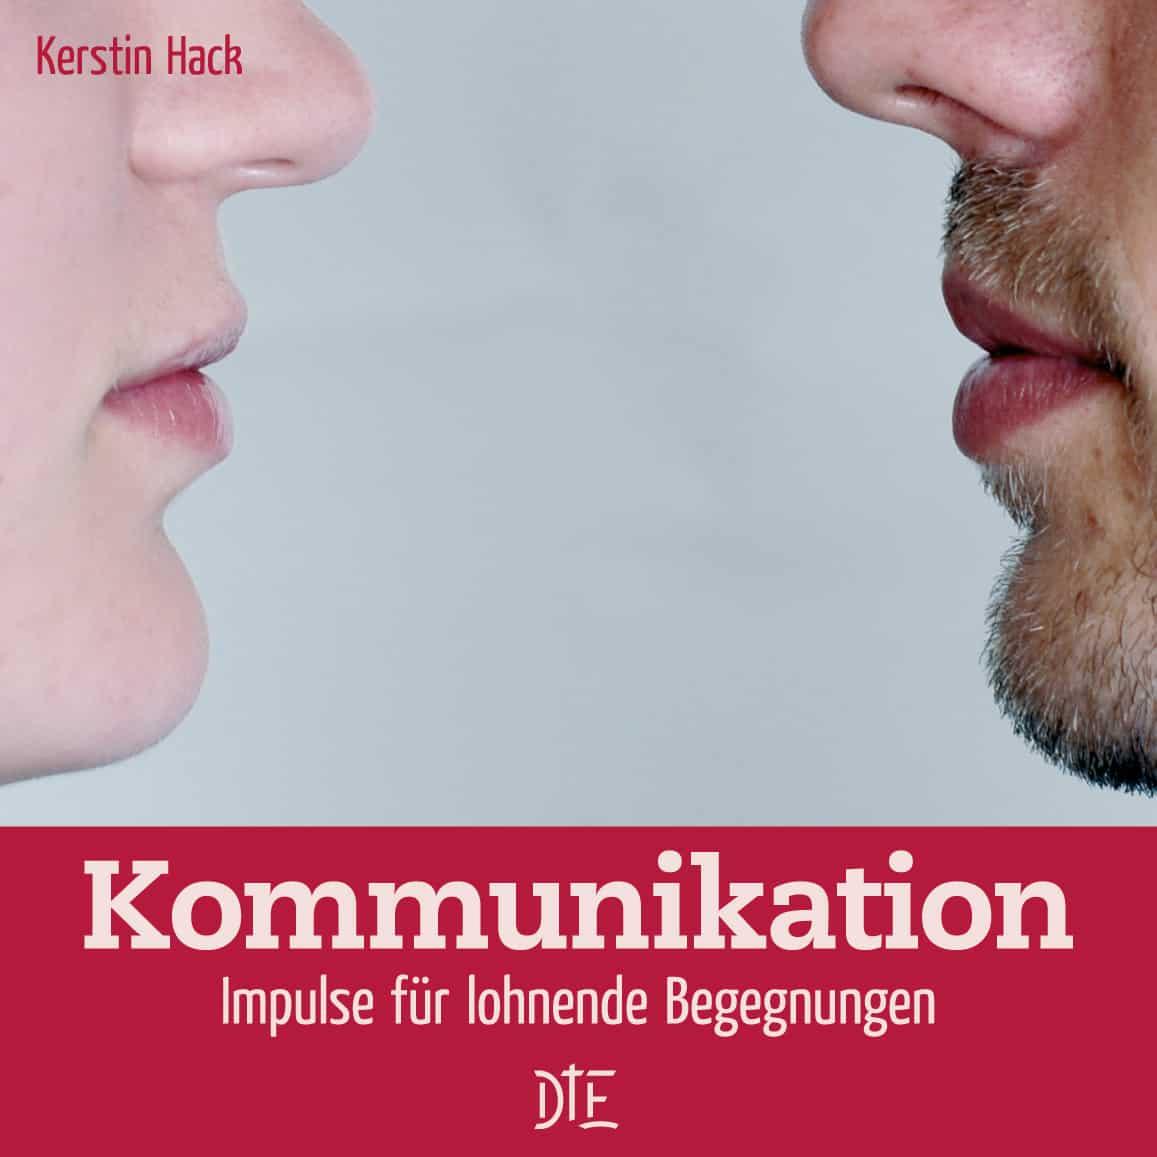 Kommunikation. Impulse für lohnende Begegnung von Kerstin Hack